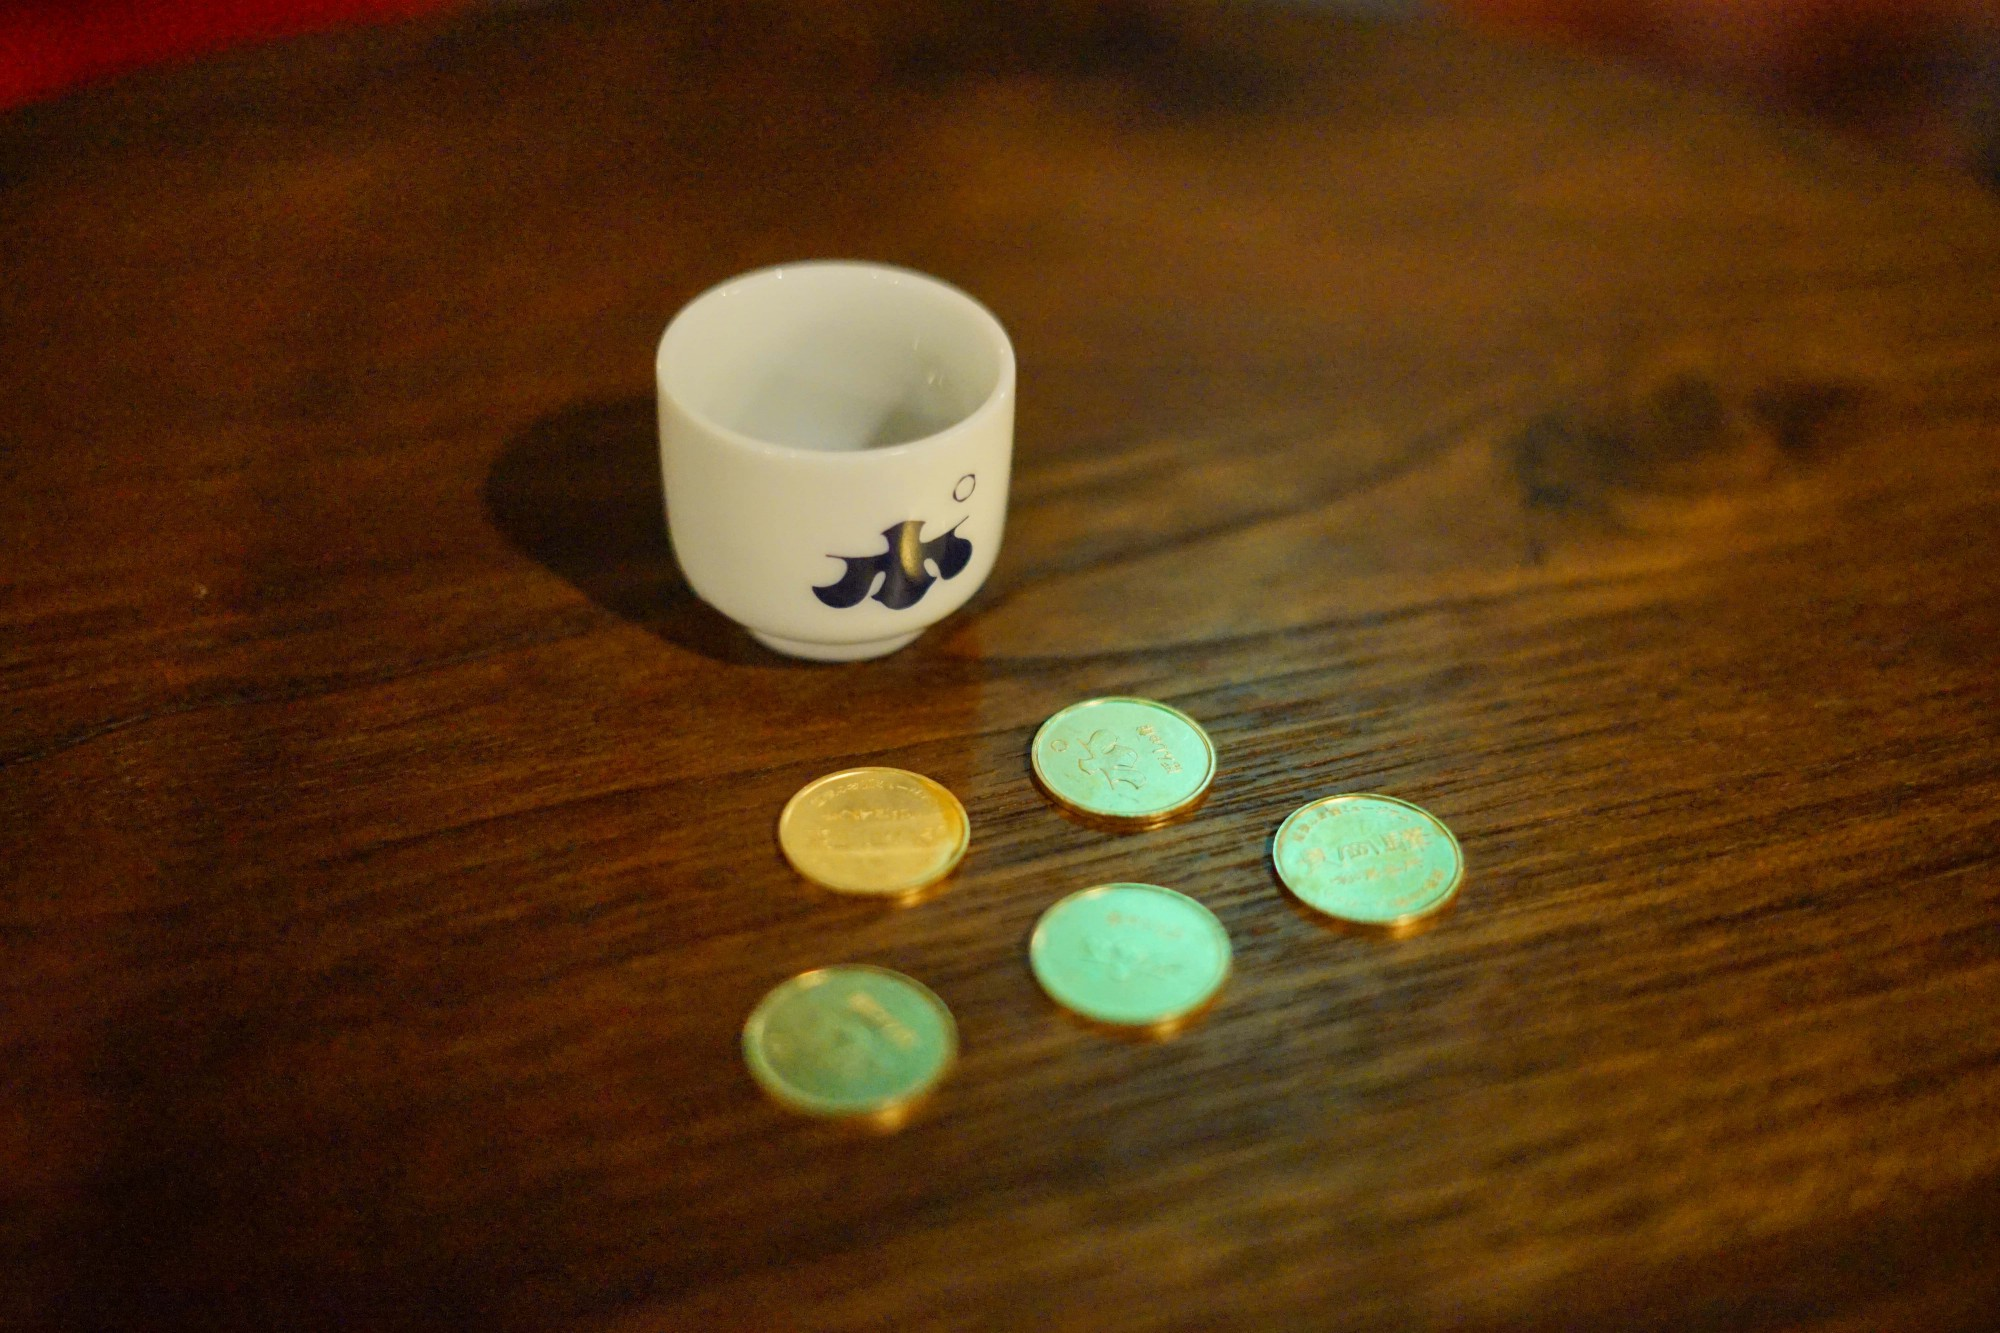 11コイン5枚